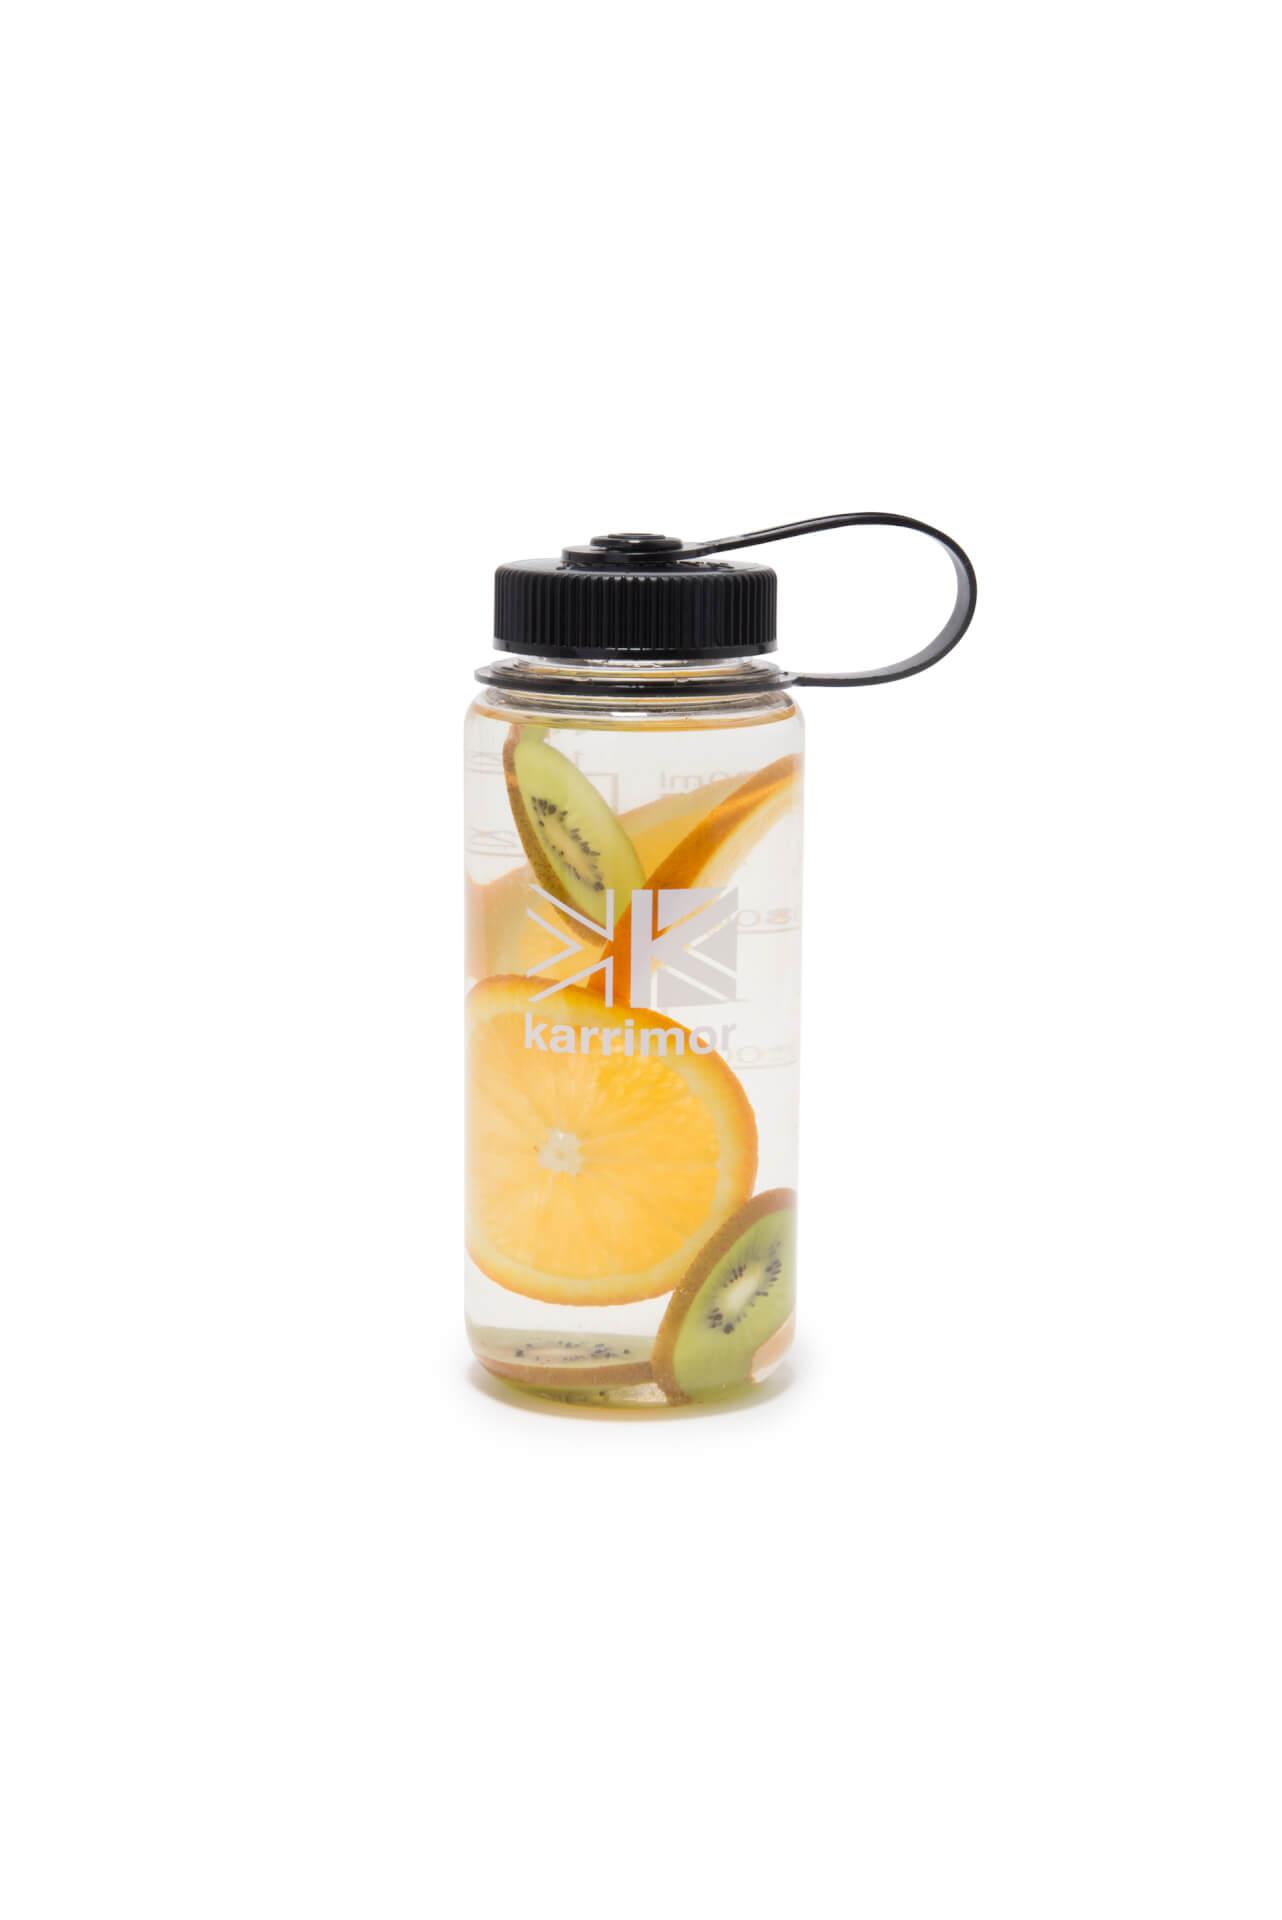 カリマーが無料給水サービスにも利用できるボトルを発売!Nalgenとのコラボアイテム life210601_karrimor_bottle_6